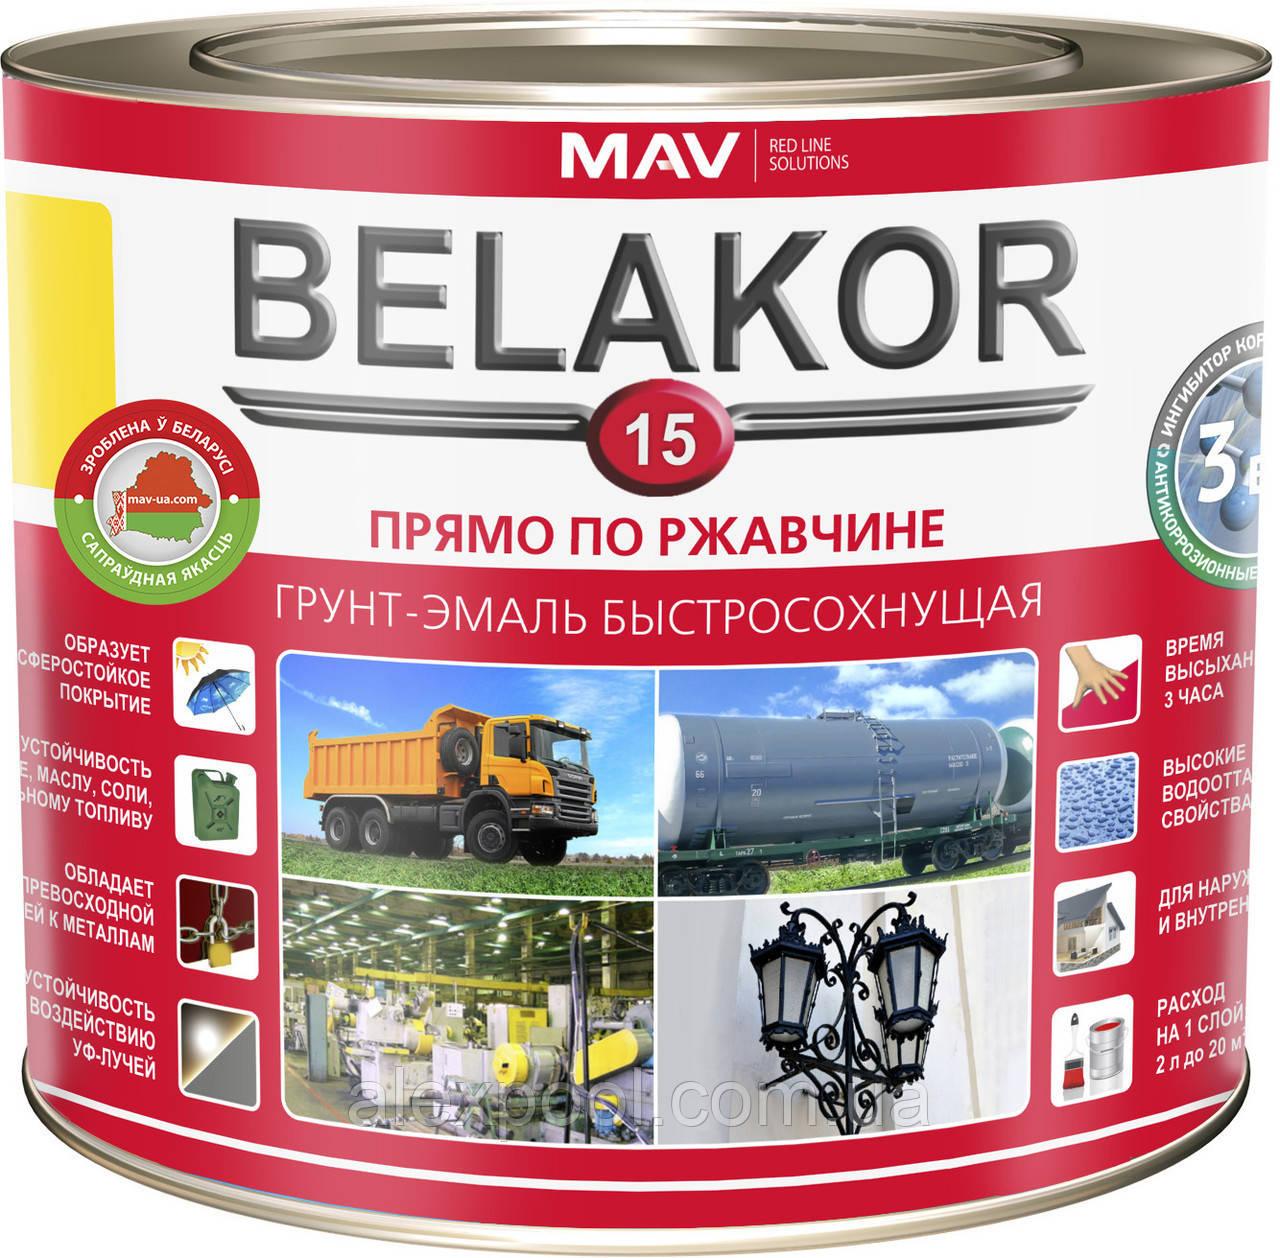 Грунт-эмаль MAV BELAKOR 15 прямо по ржавчине  3 в 1 быстросохнущая Голубая RAL 5012 2,4 литра